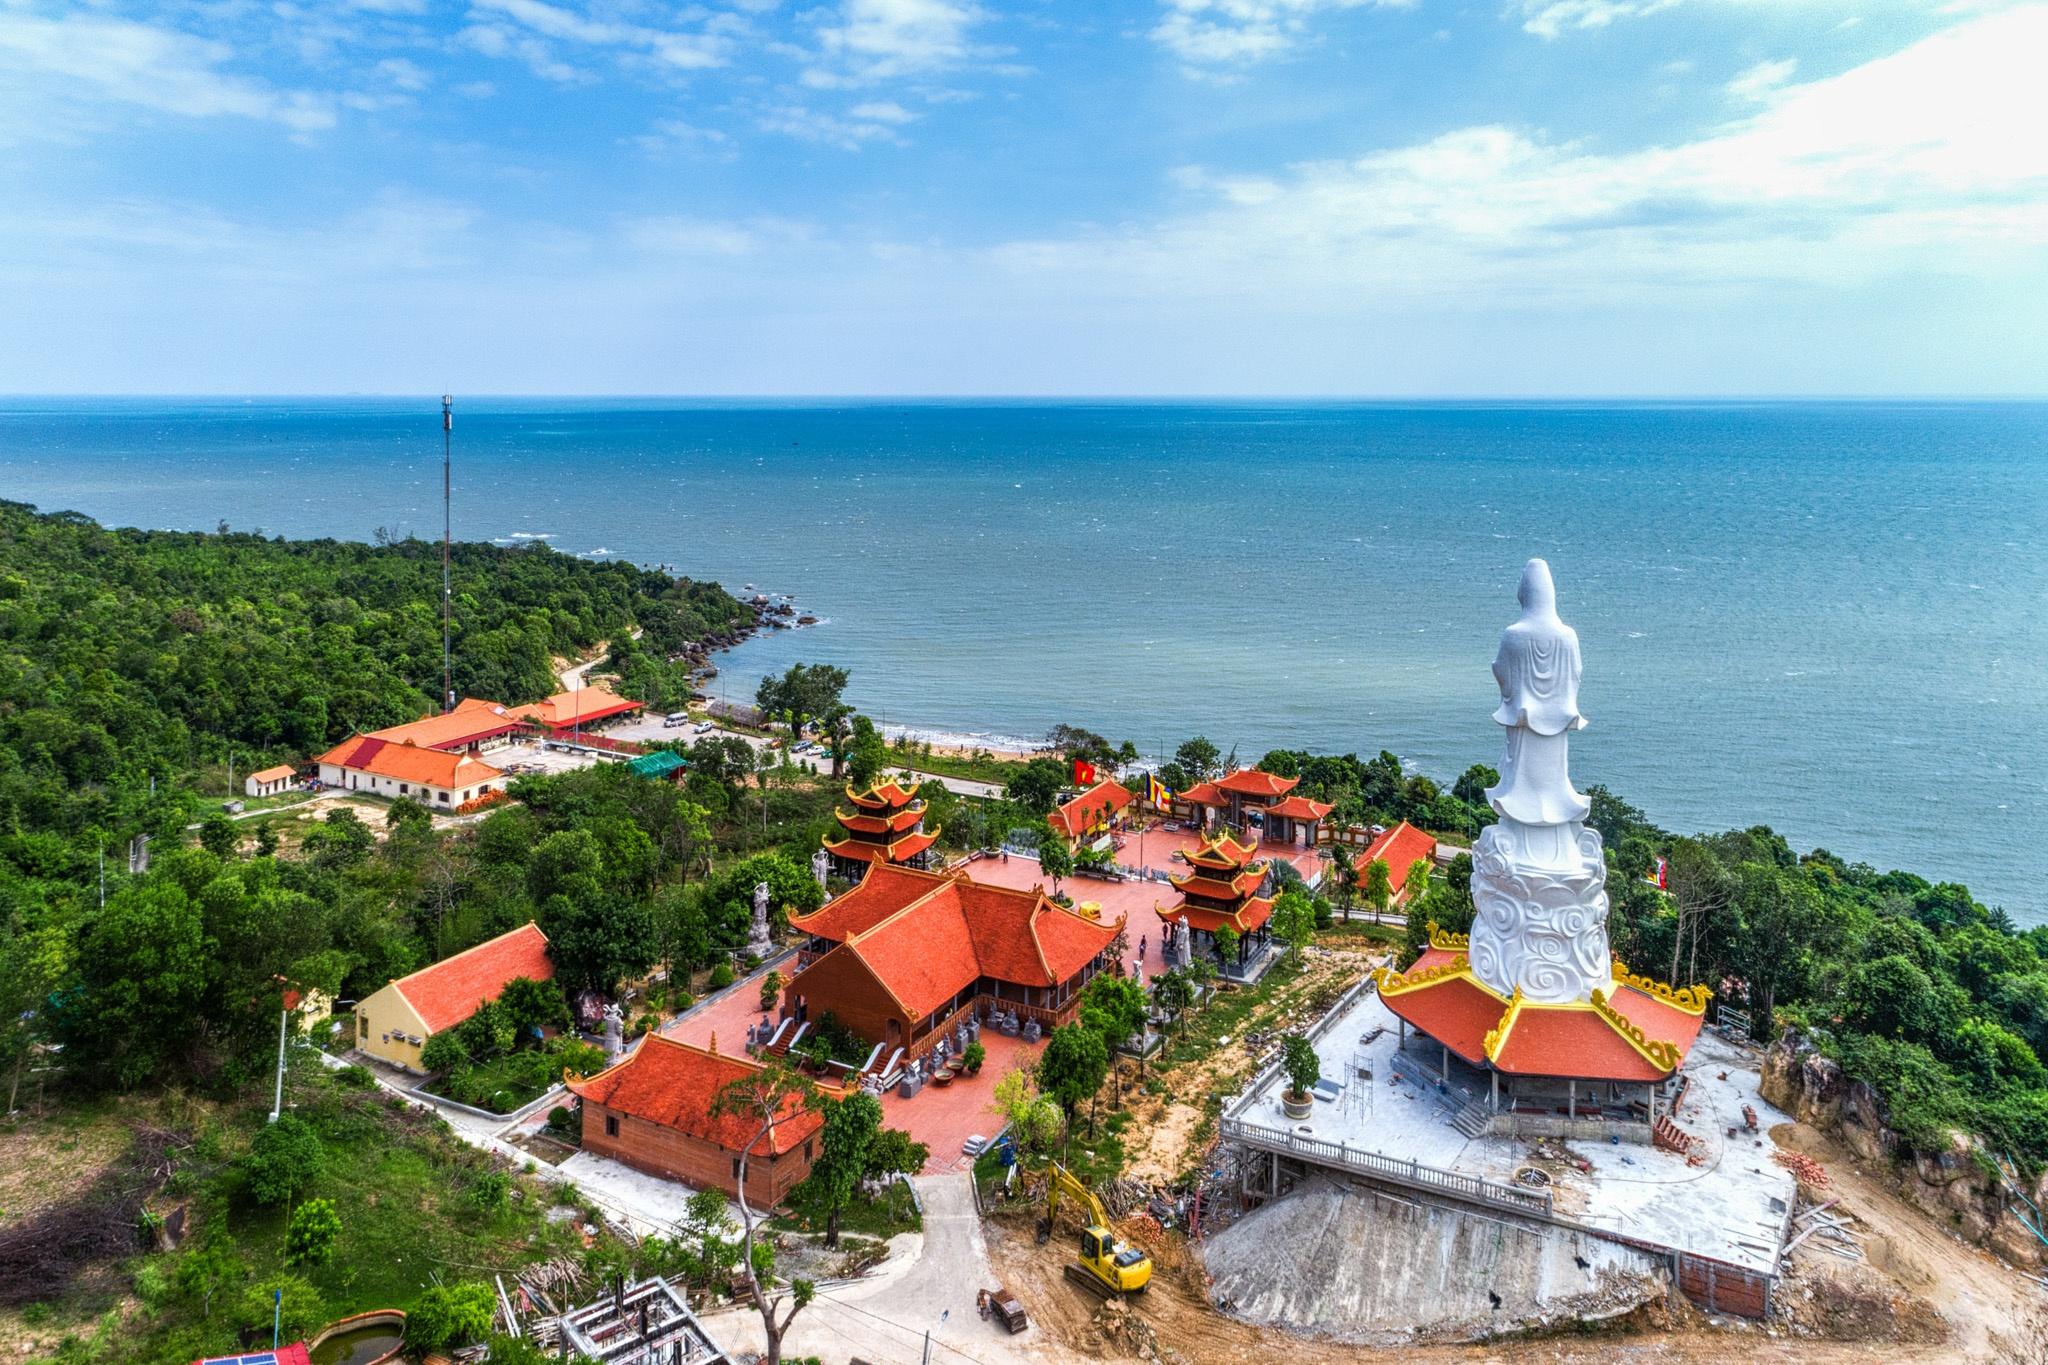 Chu du biển đảo Phú Quốc, ngắm vẻ đẹp giao hòa của tự nhiên - Ảnh 22.